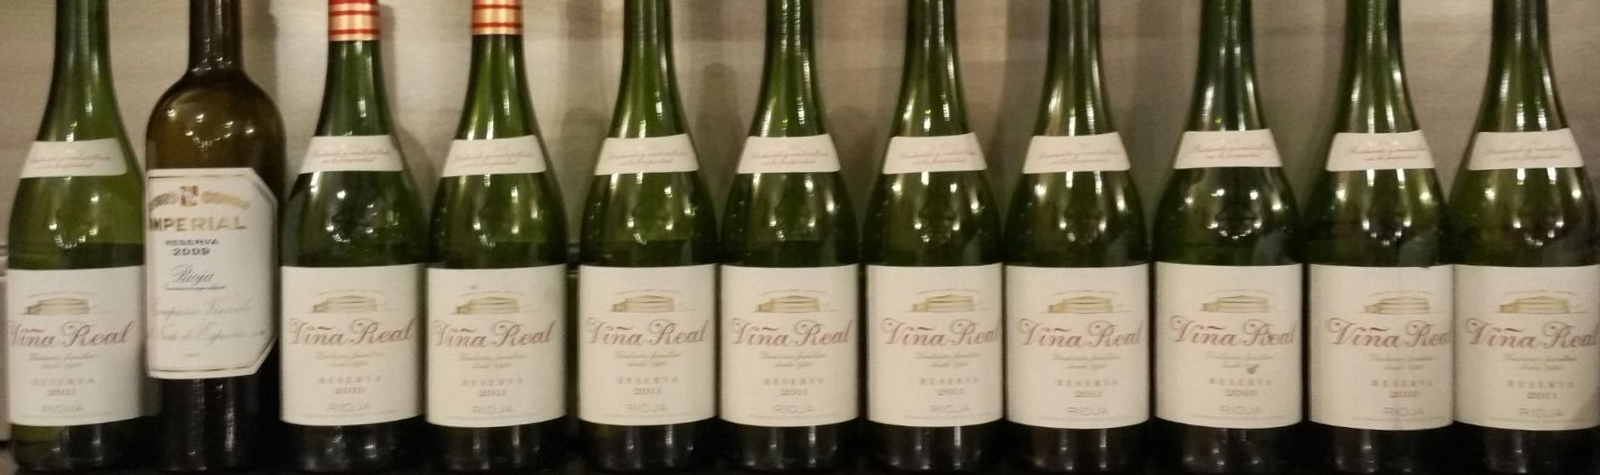 Viaja sin salir de casa: Catas de vino